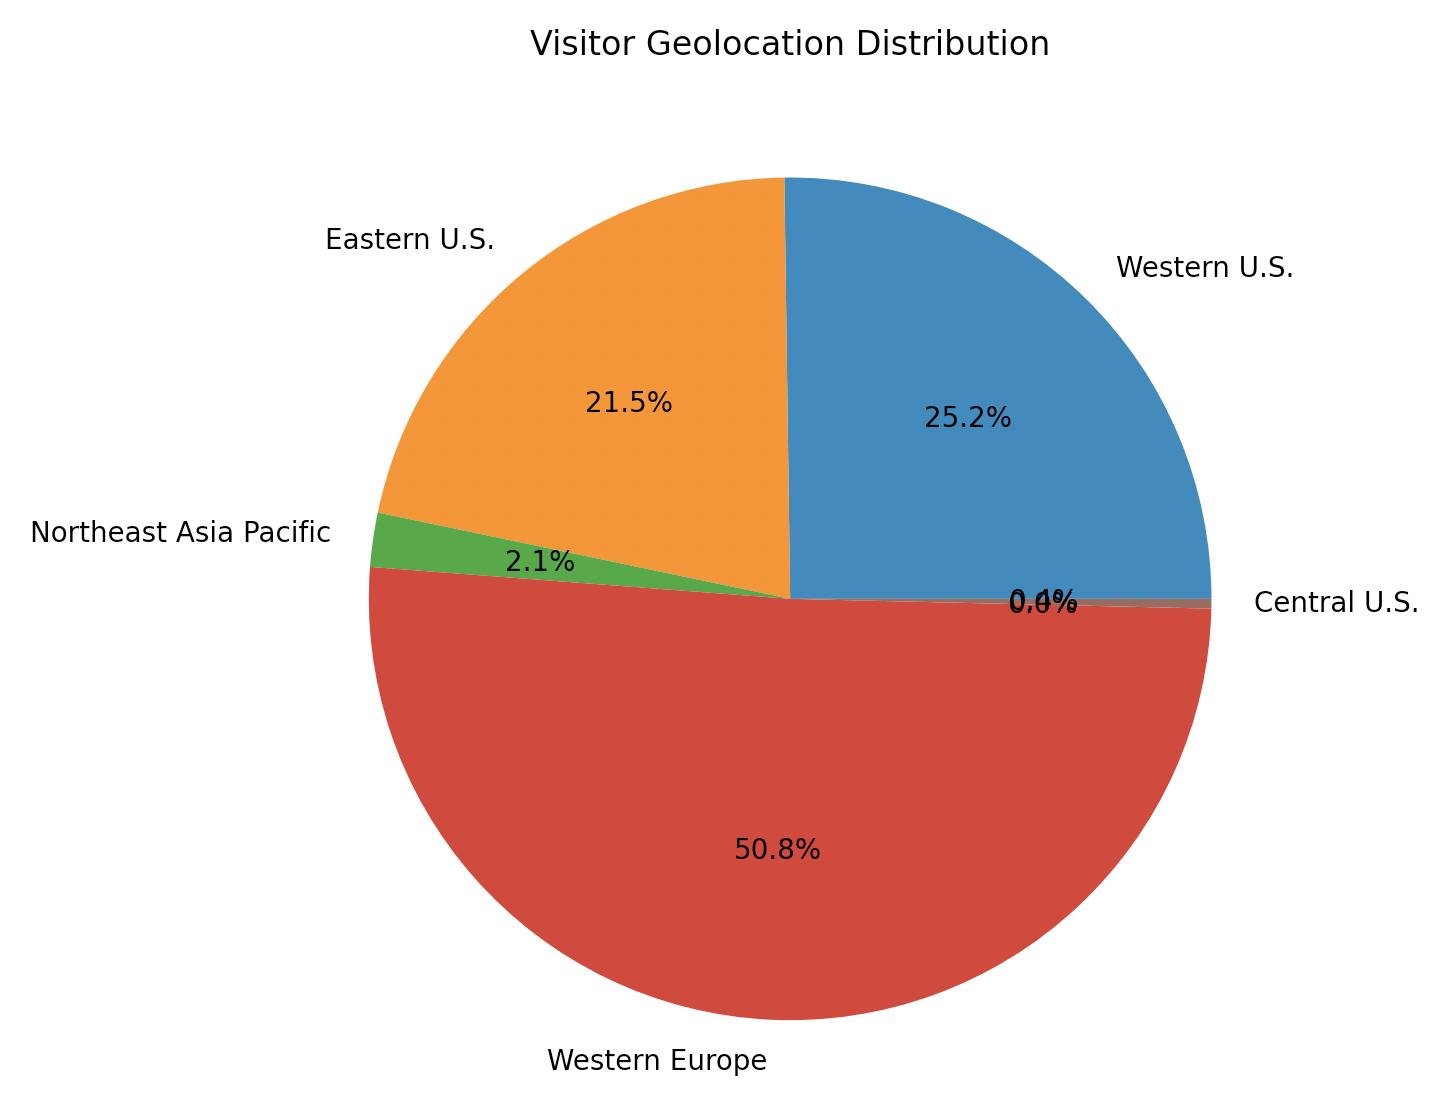 この円グラフは、私たちが観察した、脅威の影響を受けたサイトを訪れた閲覧者の地理的分布を示しています。大多数の閲覧は西ヨーロッパからのものでしたが、米国東部・西部もかなりの割合をしめています。